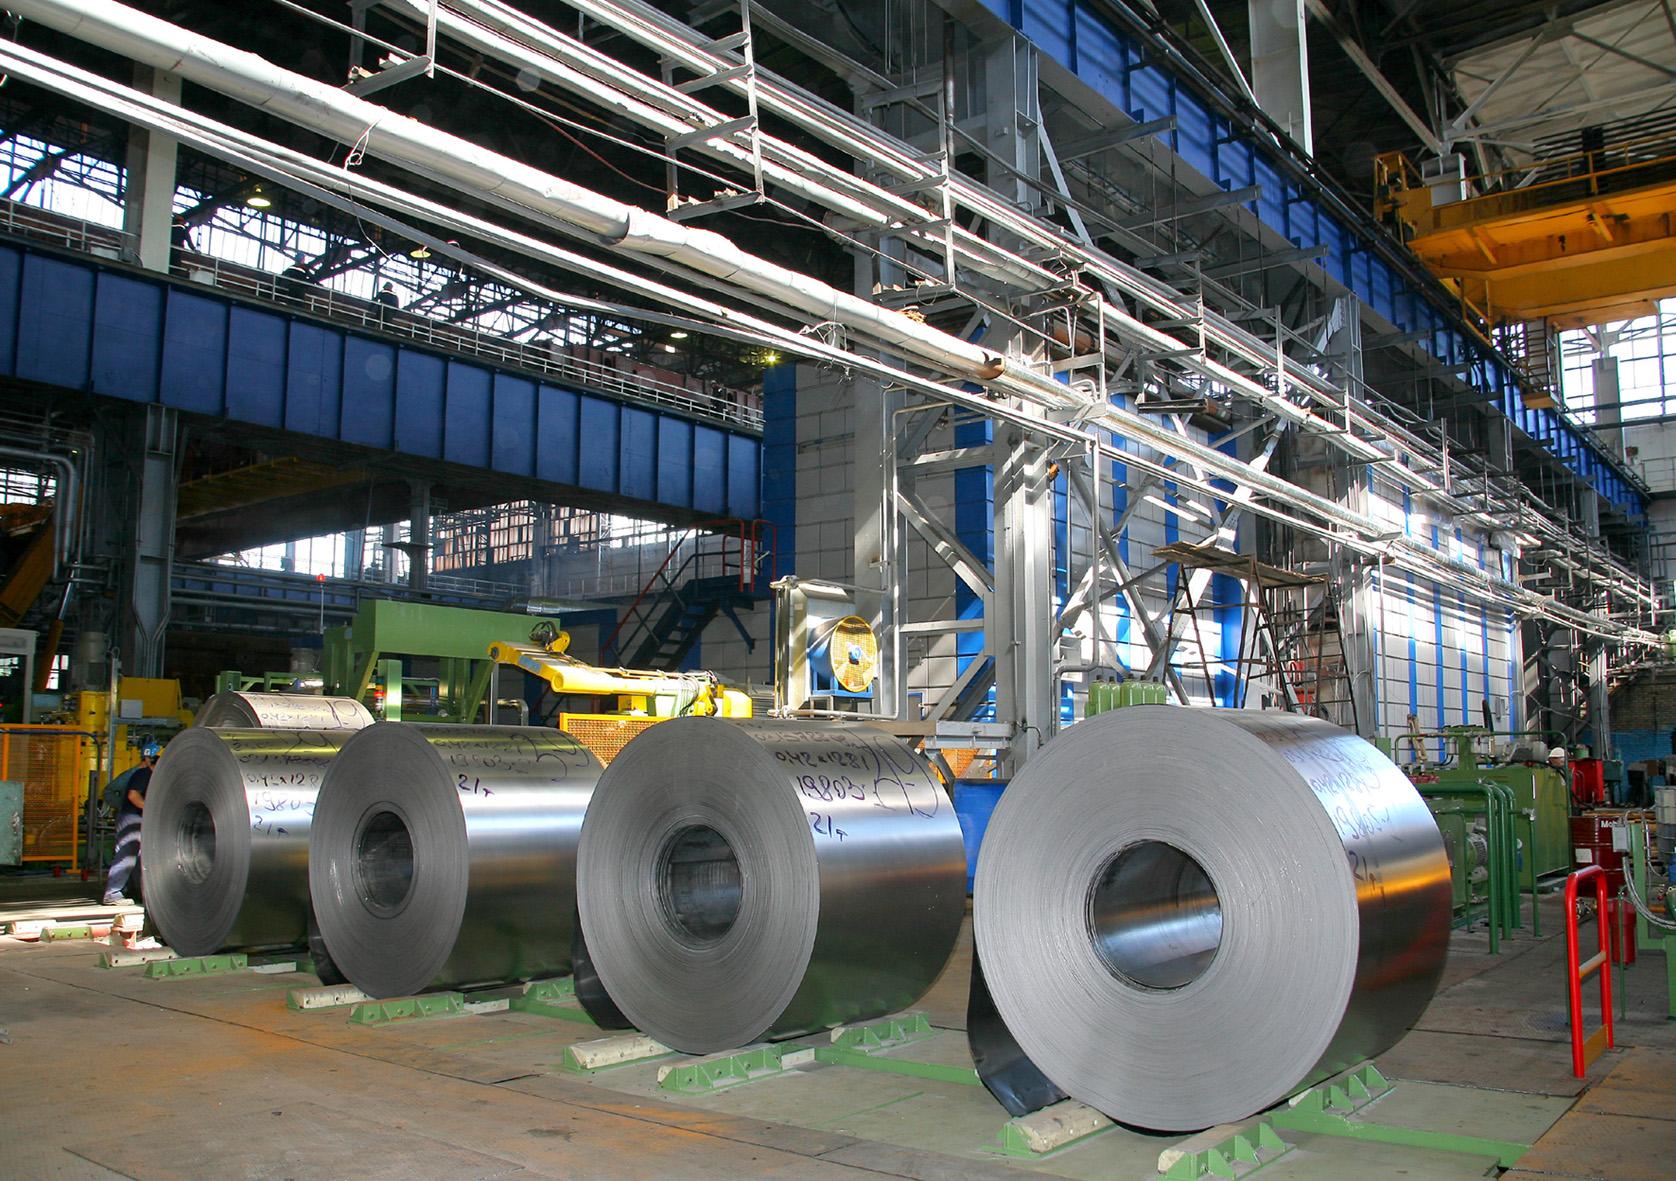 Выставка собрала ведущие металлургические компании, машиностроительные и станкостроительные завод